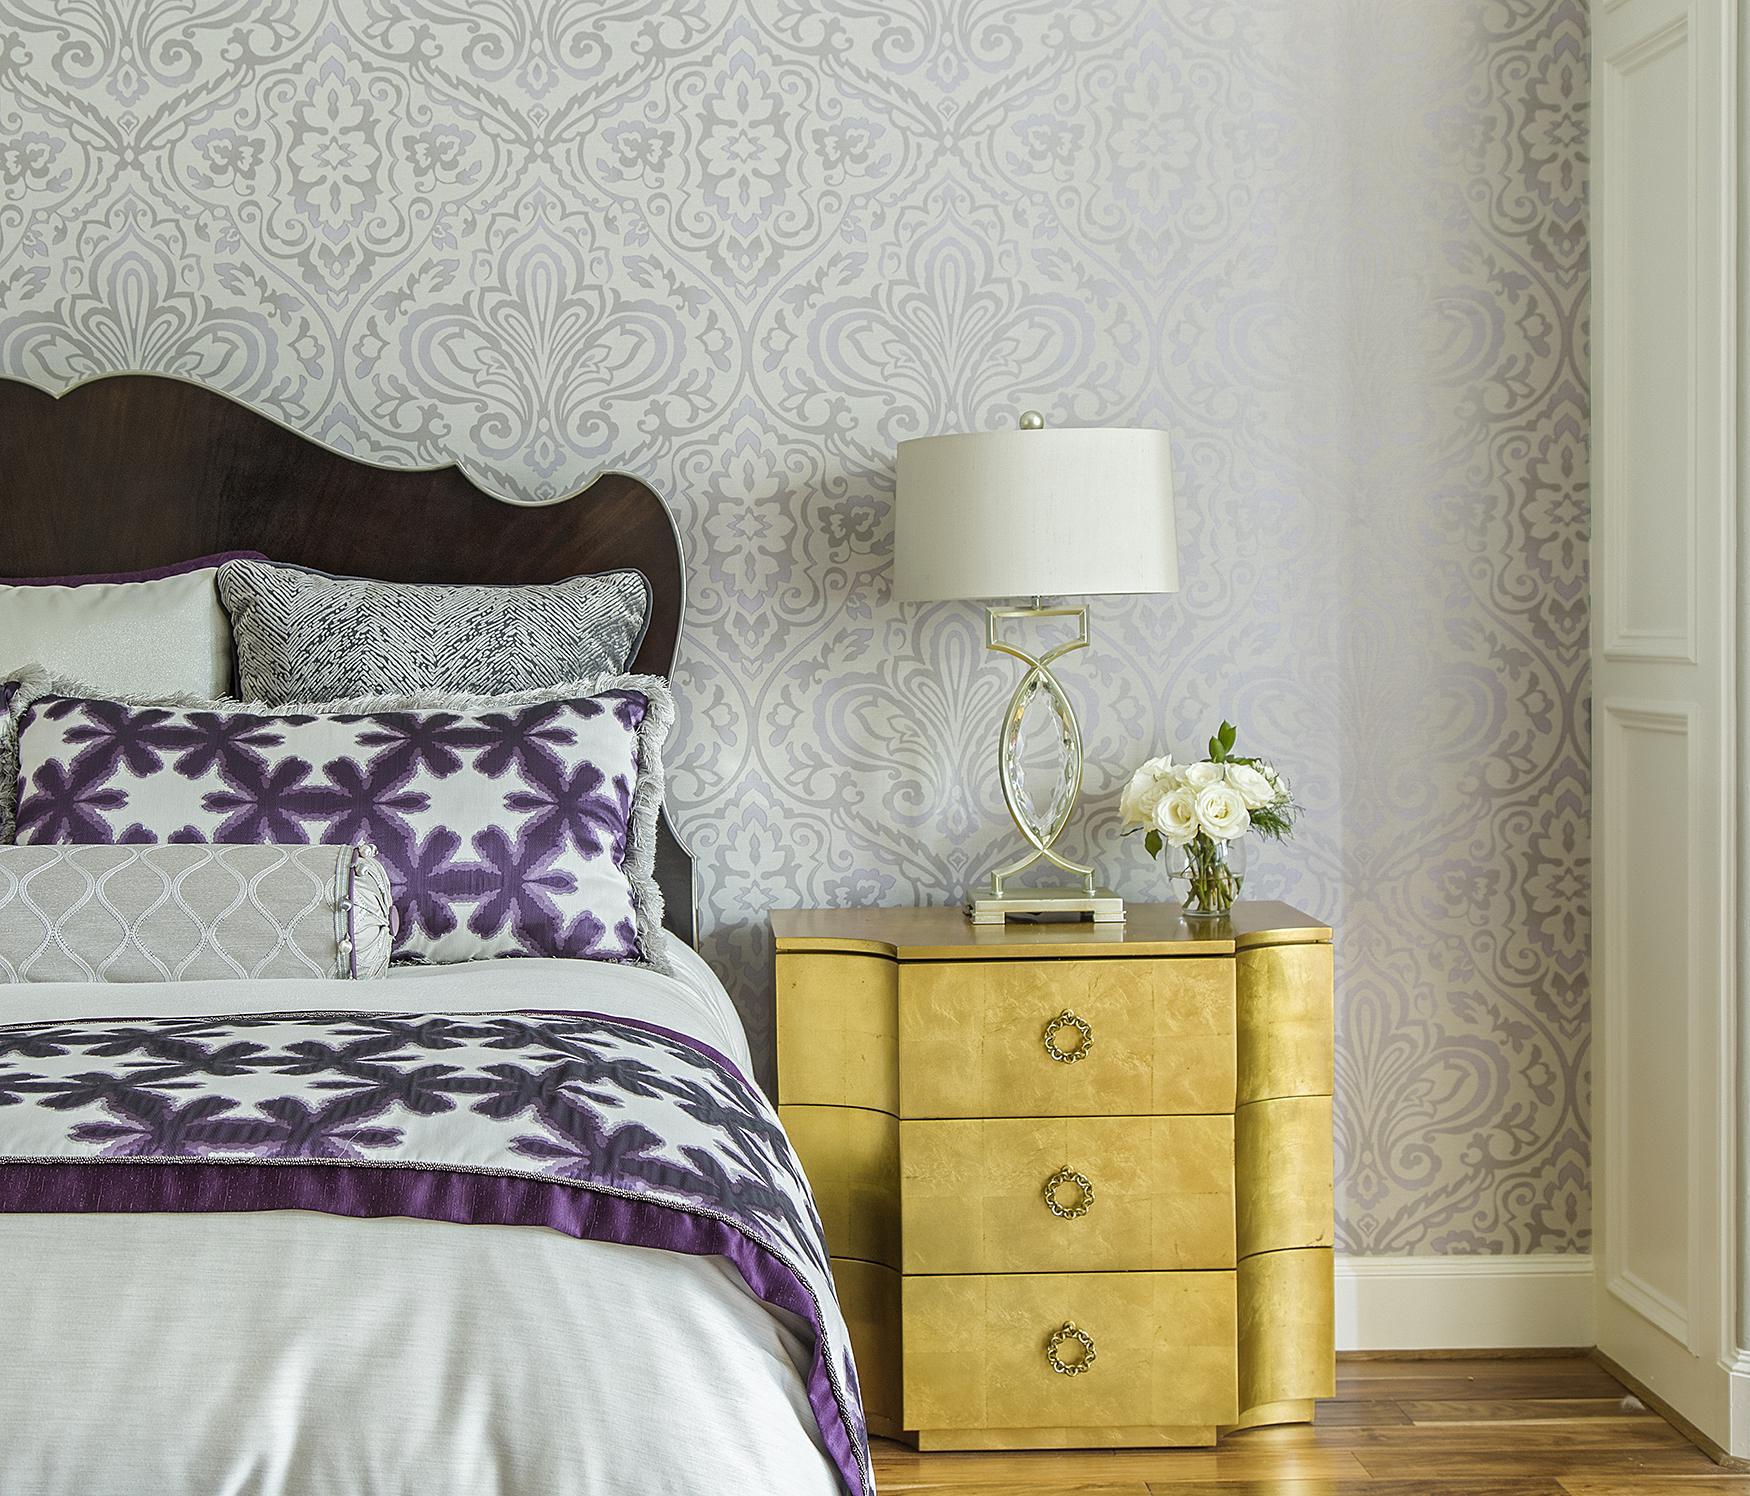 Комбинирование обоев пастельного оттенка в спальне